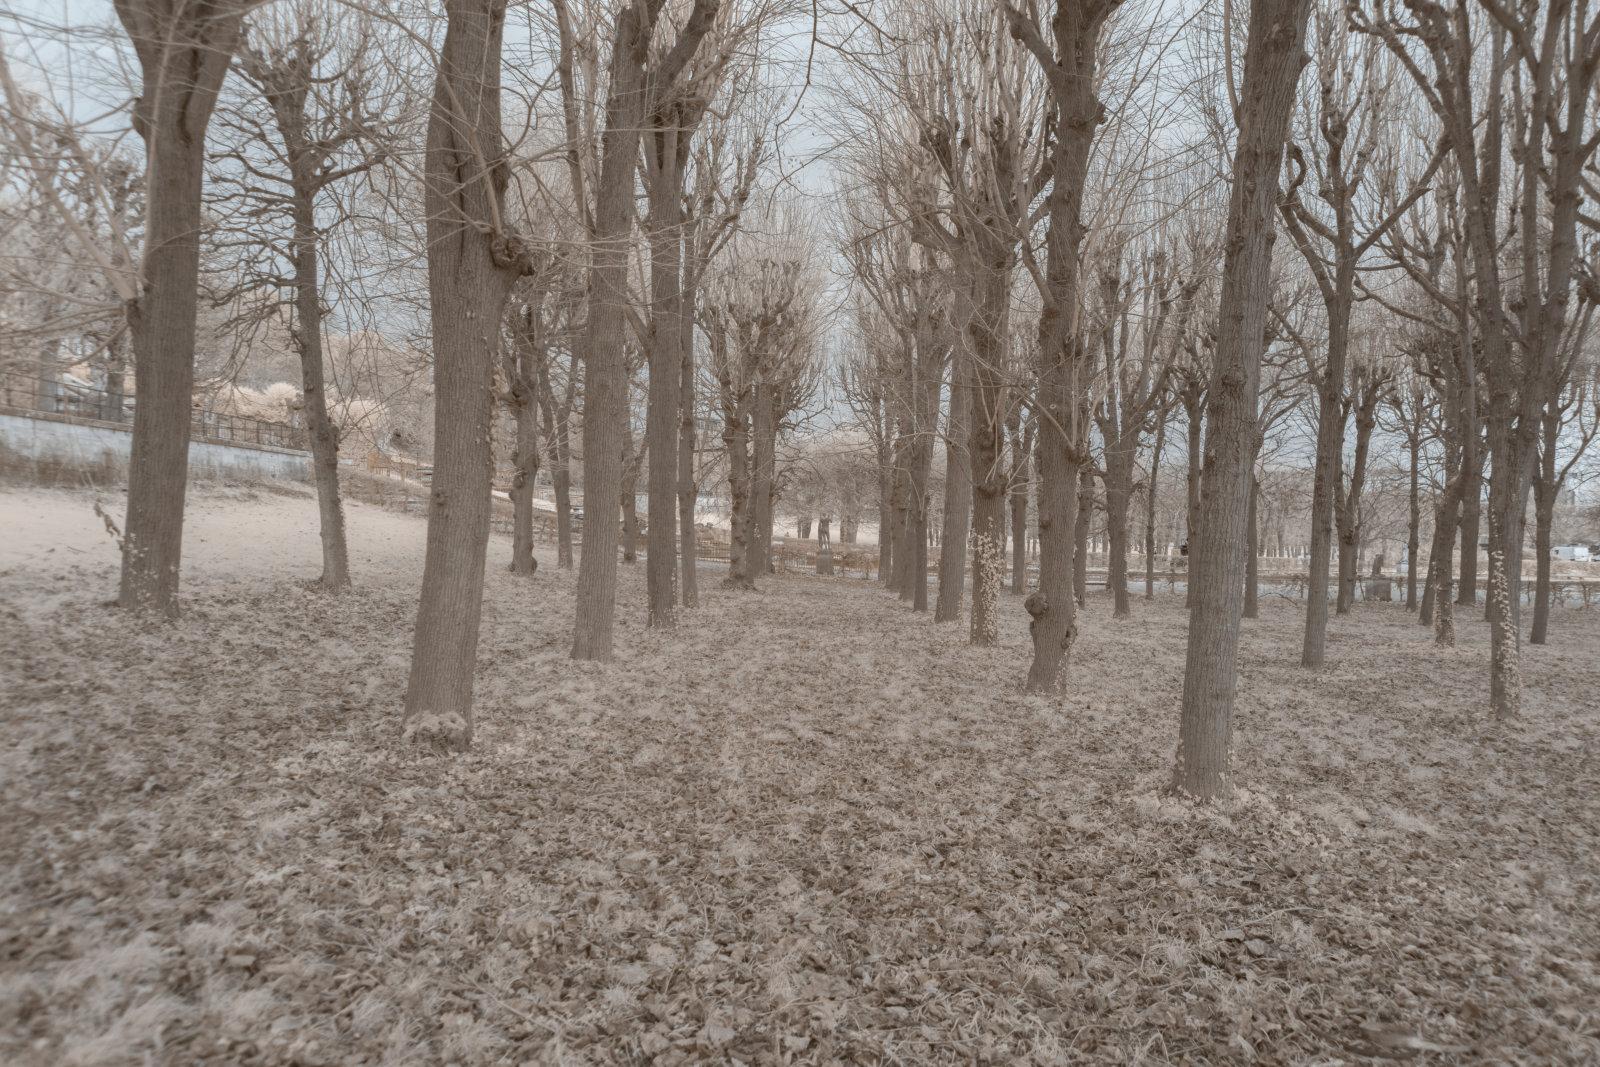 DETAILS 2 24mm F4 CANON | Pierre-Louis Ferrer | Test du SIGMA 24mm F/1.4 DG HSM Art en photographie infrarouge | Partie 1